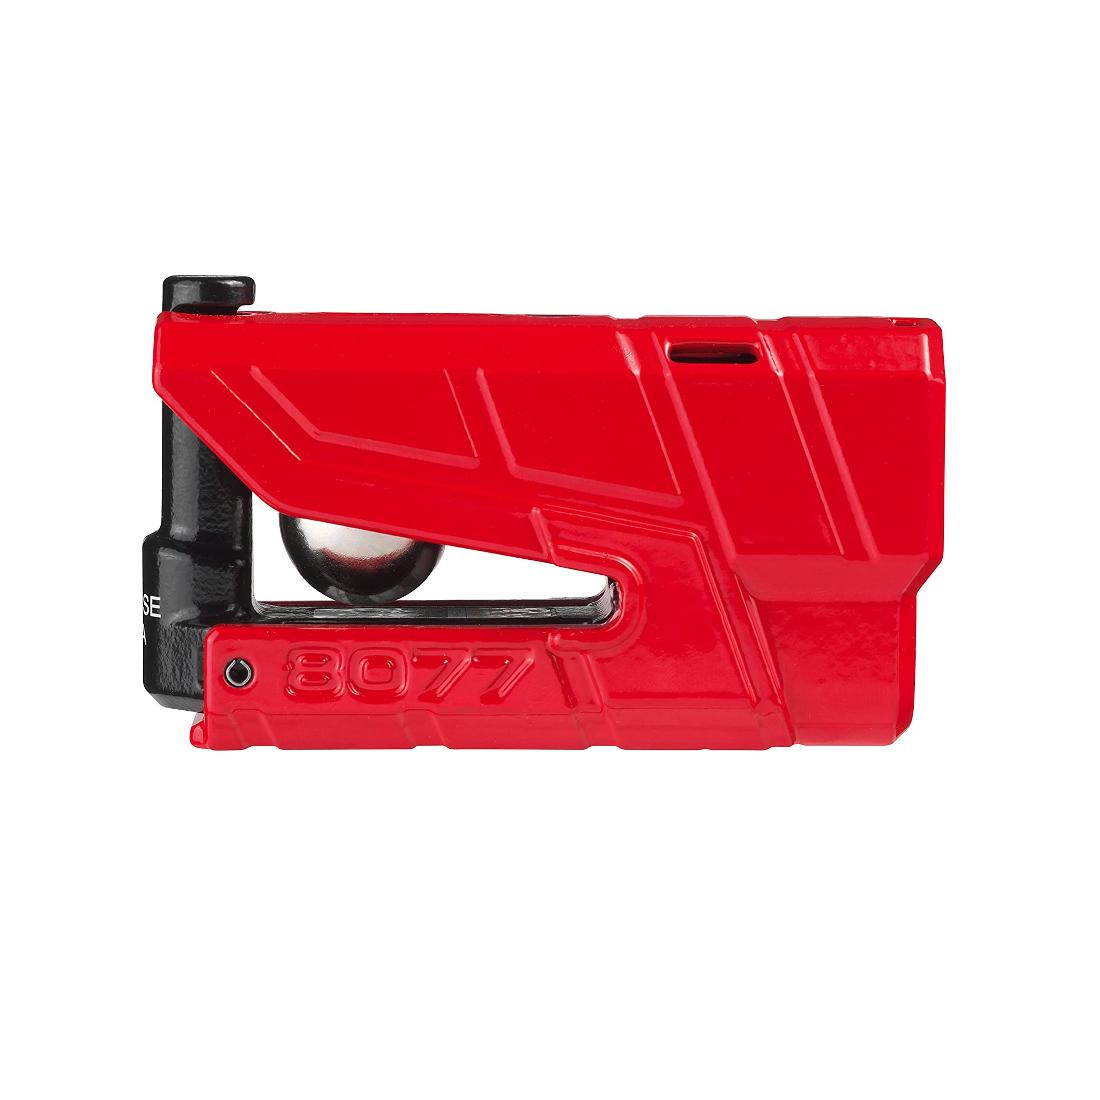 Abus Granit Detecto X-Plus 8077 Alarm Disc Lock red